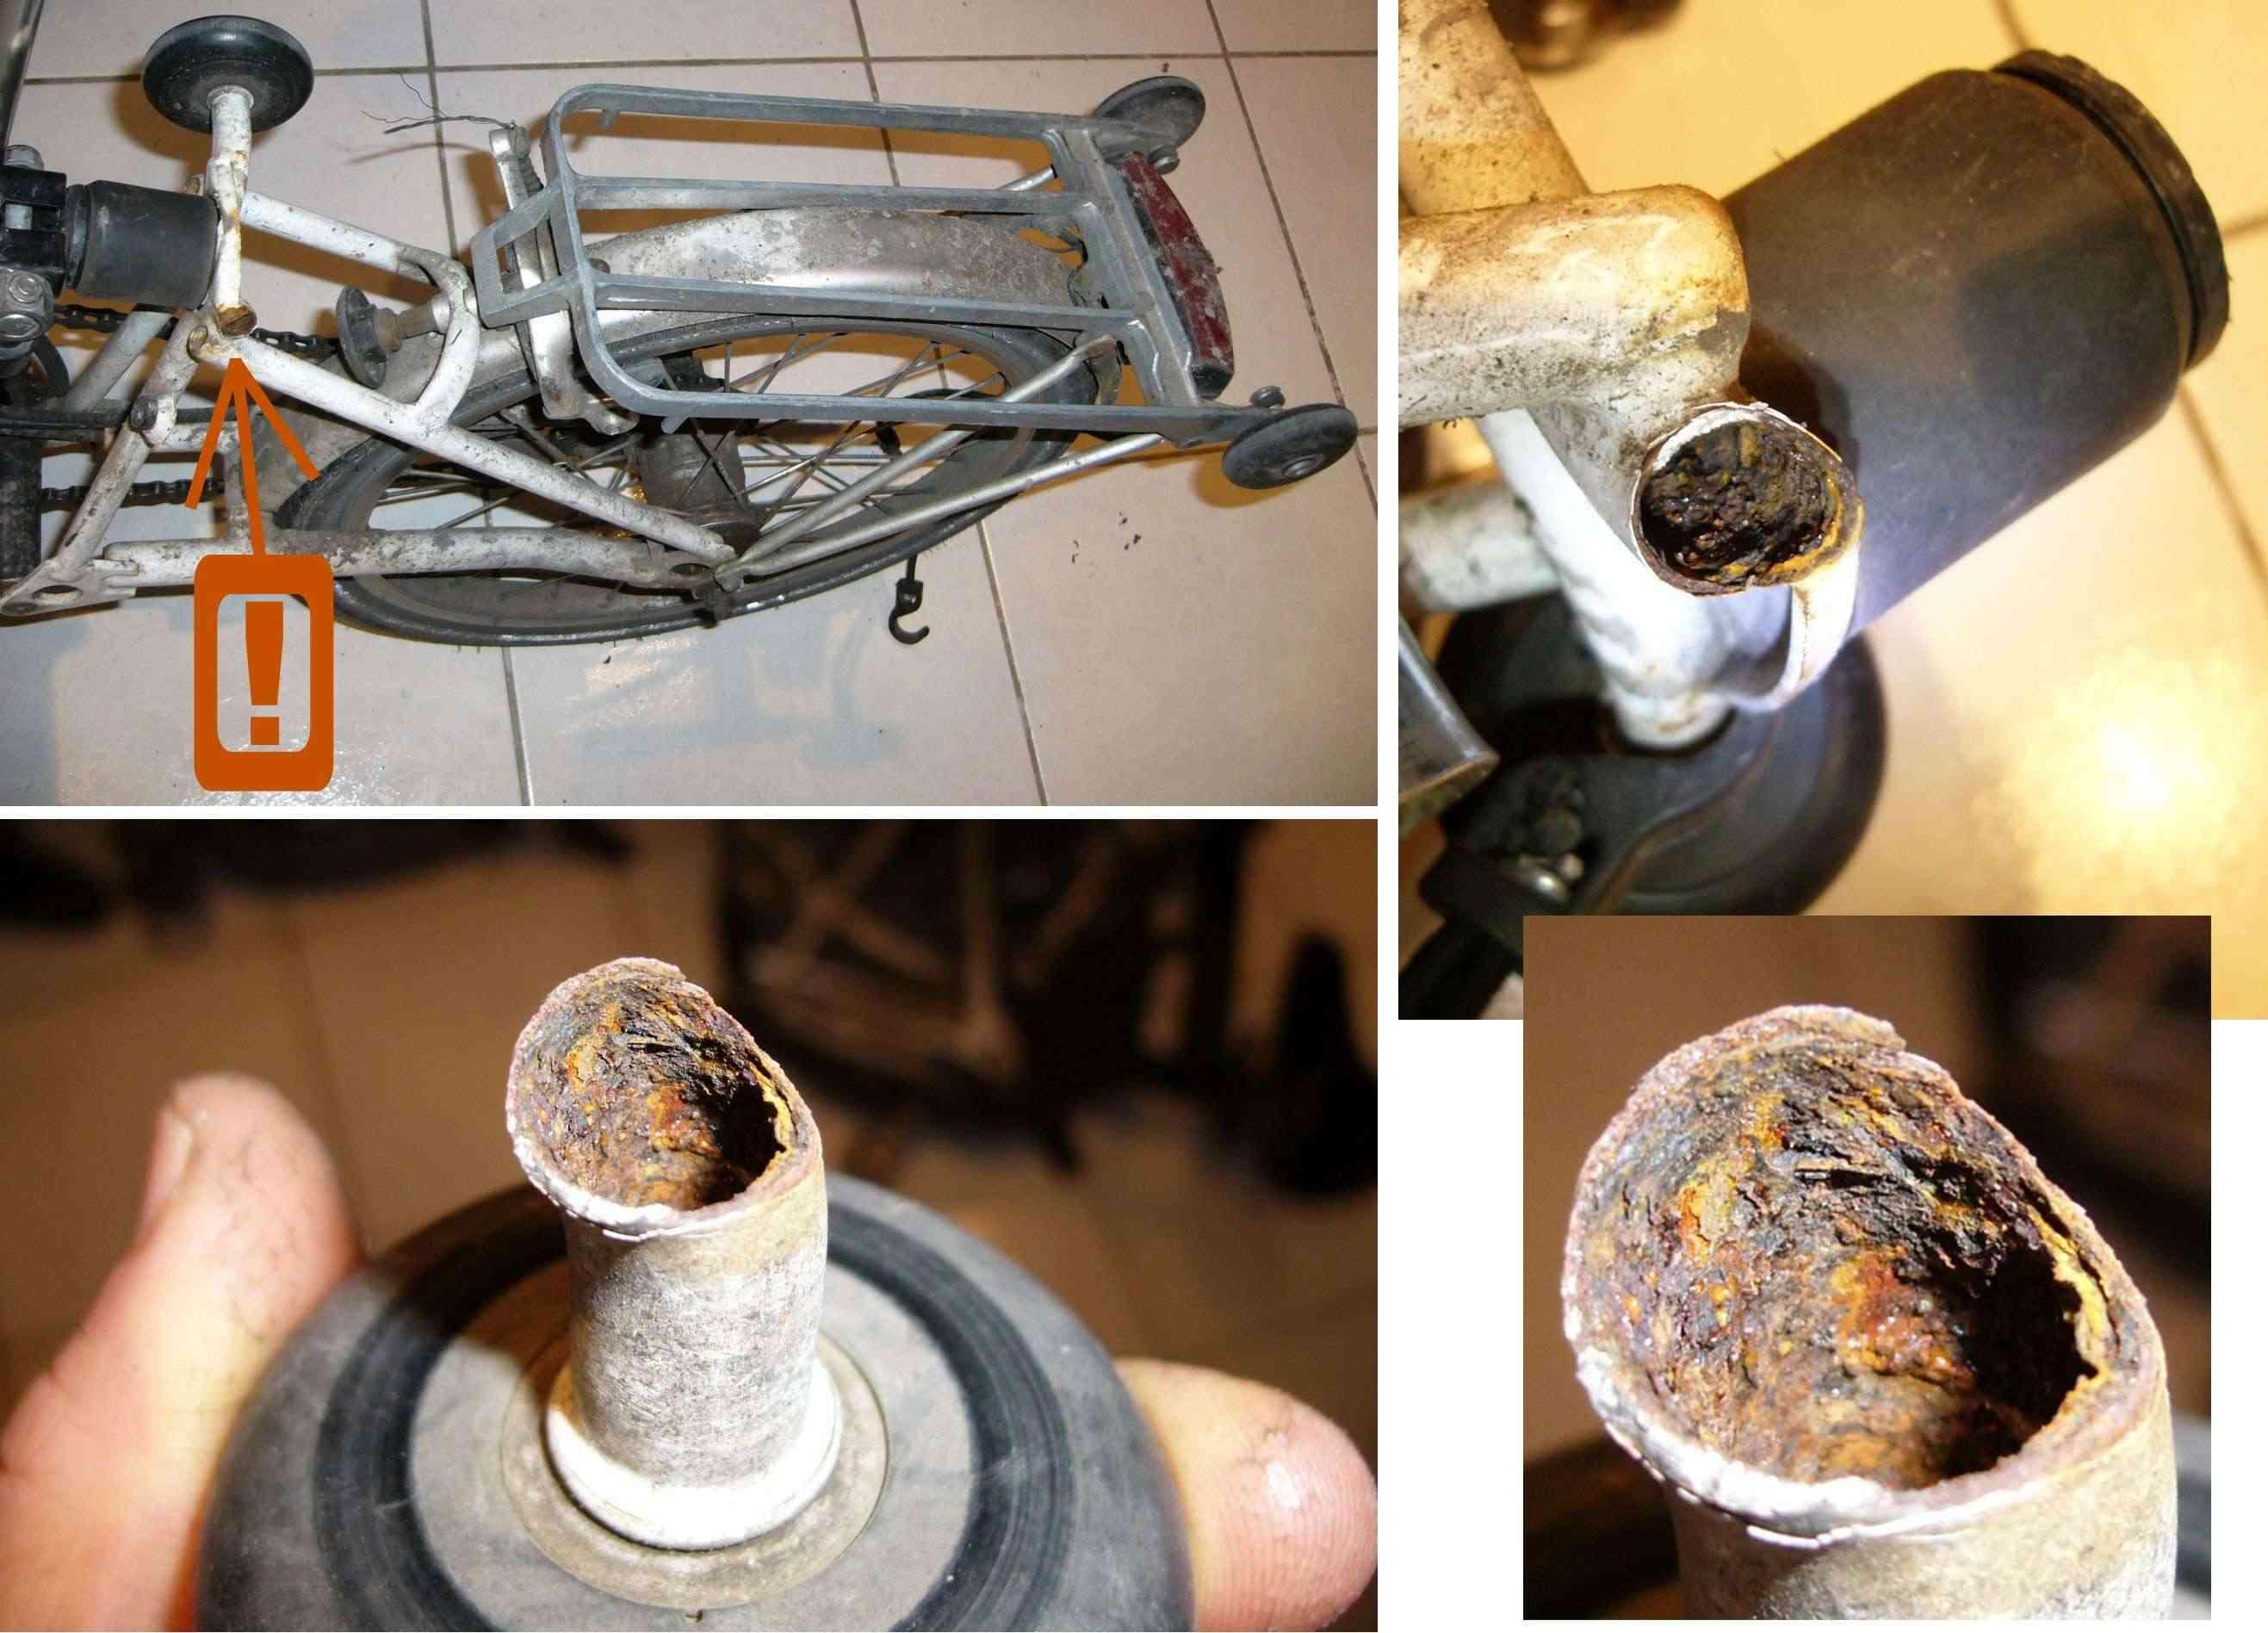 Corrosion du cadre : traitement préventif [anc. Obsolescence programmée du Brompton] Brompt10